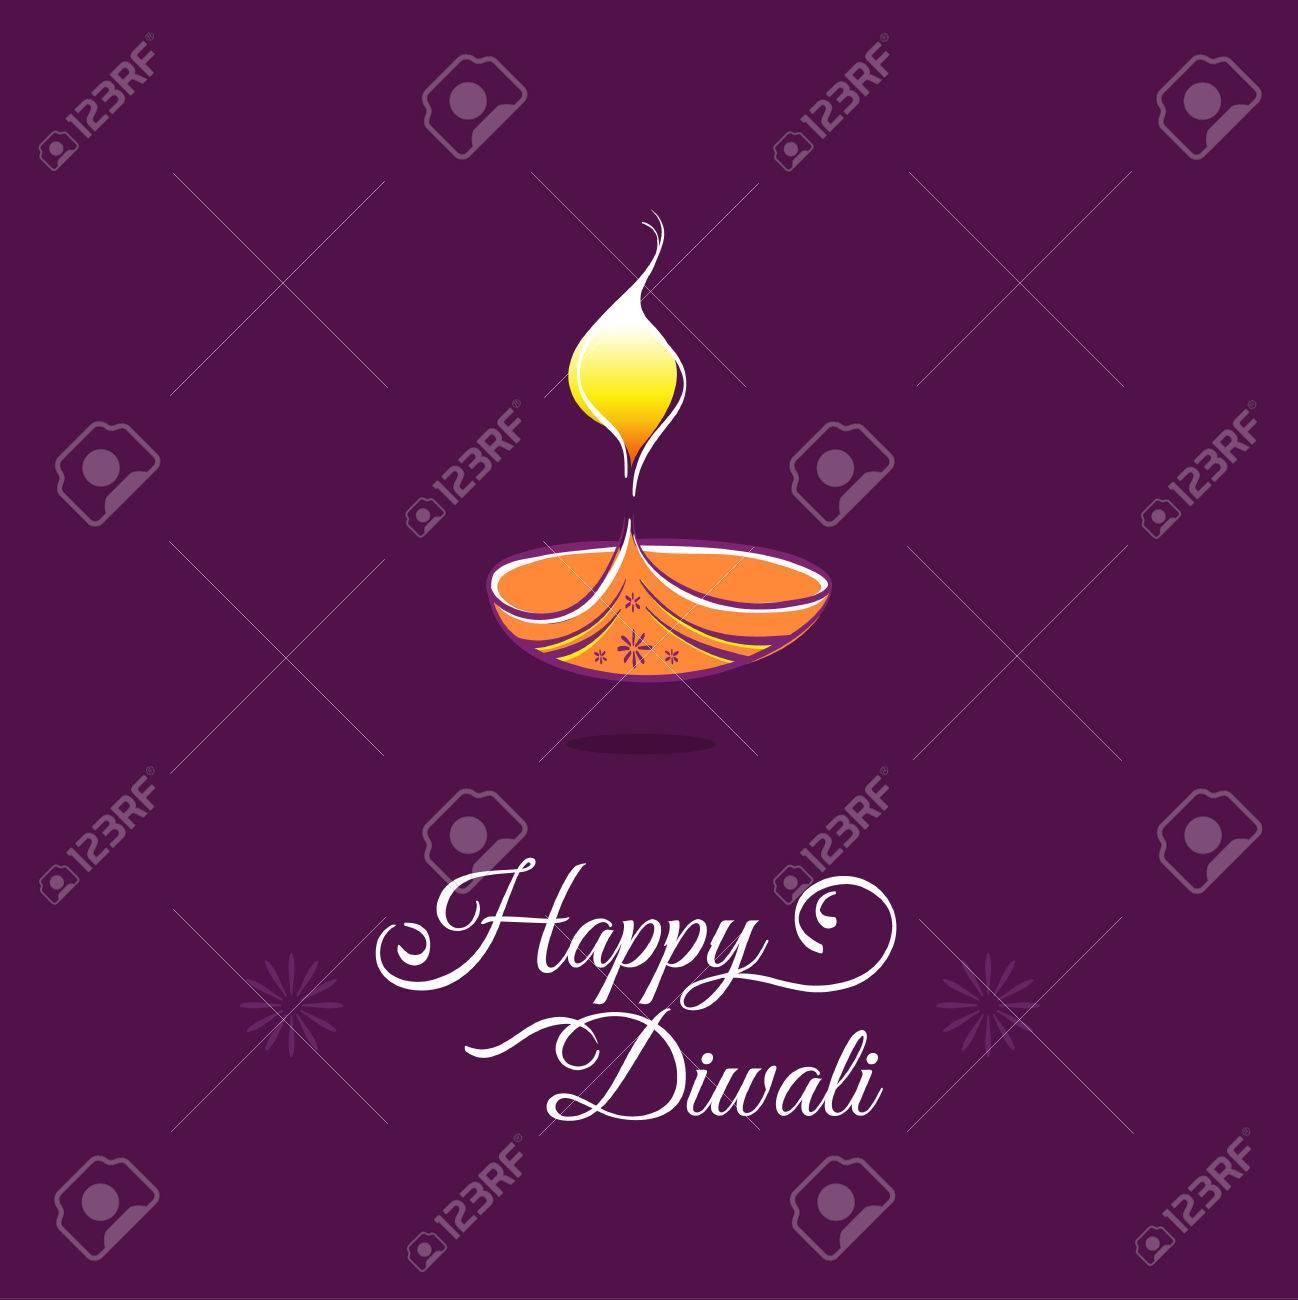 Happy Deepavali Indian Festival Lights Stock Vector